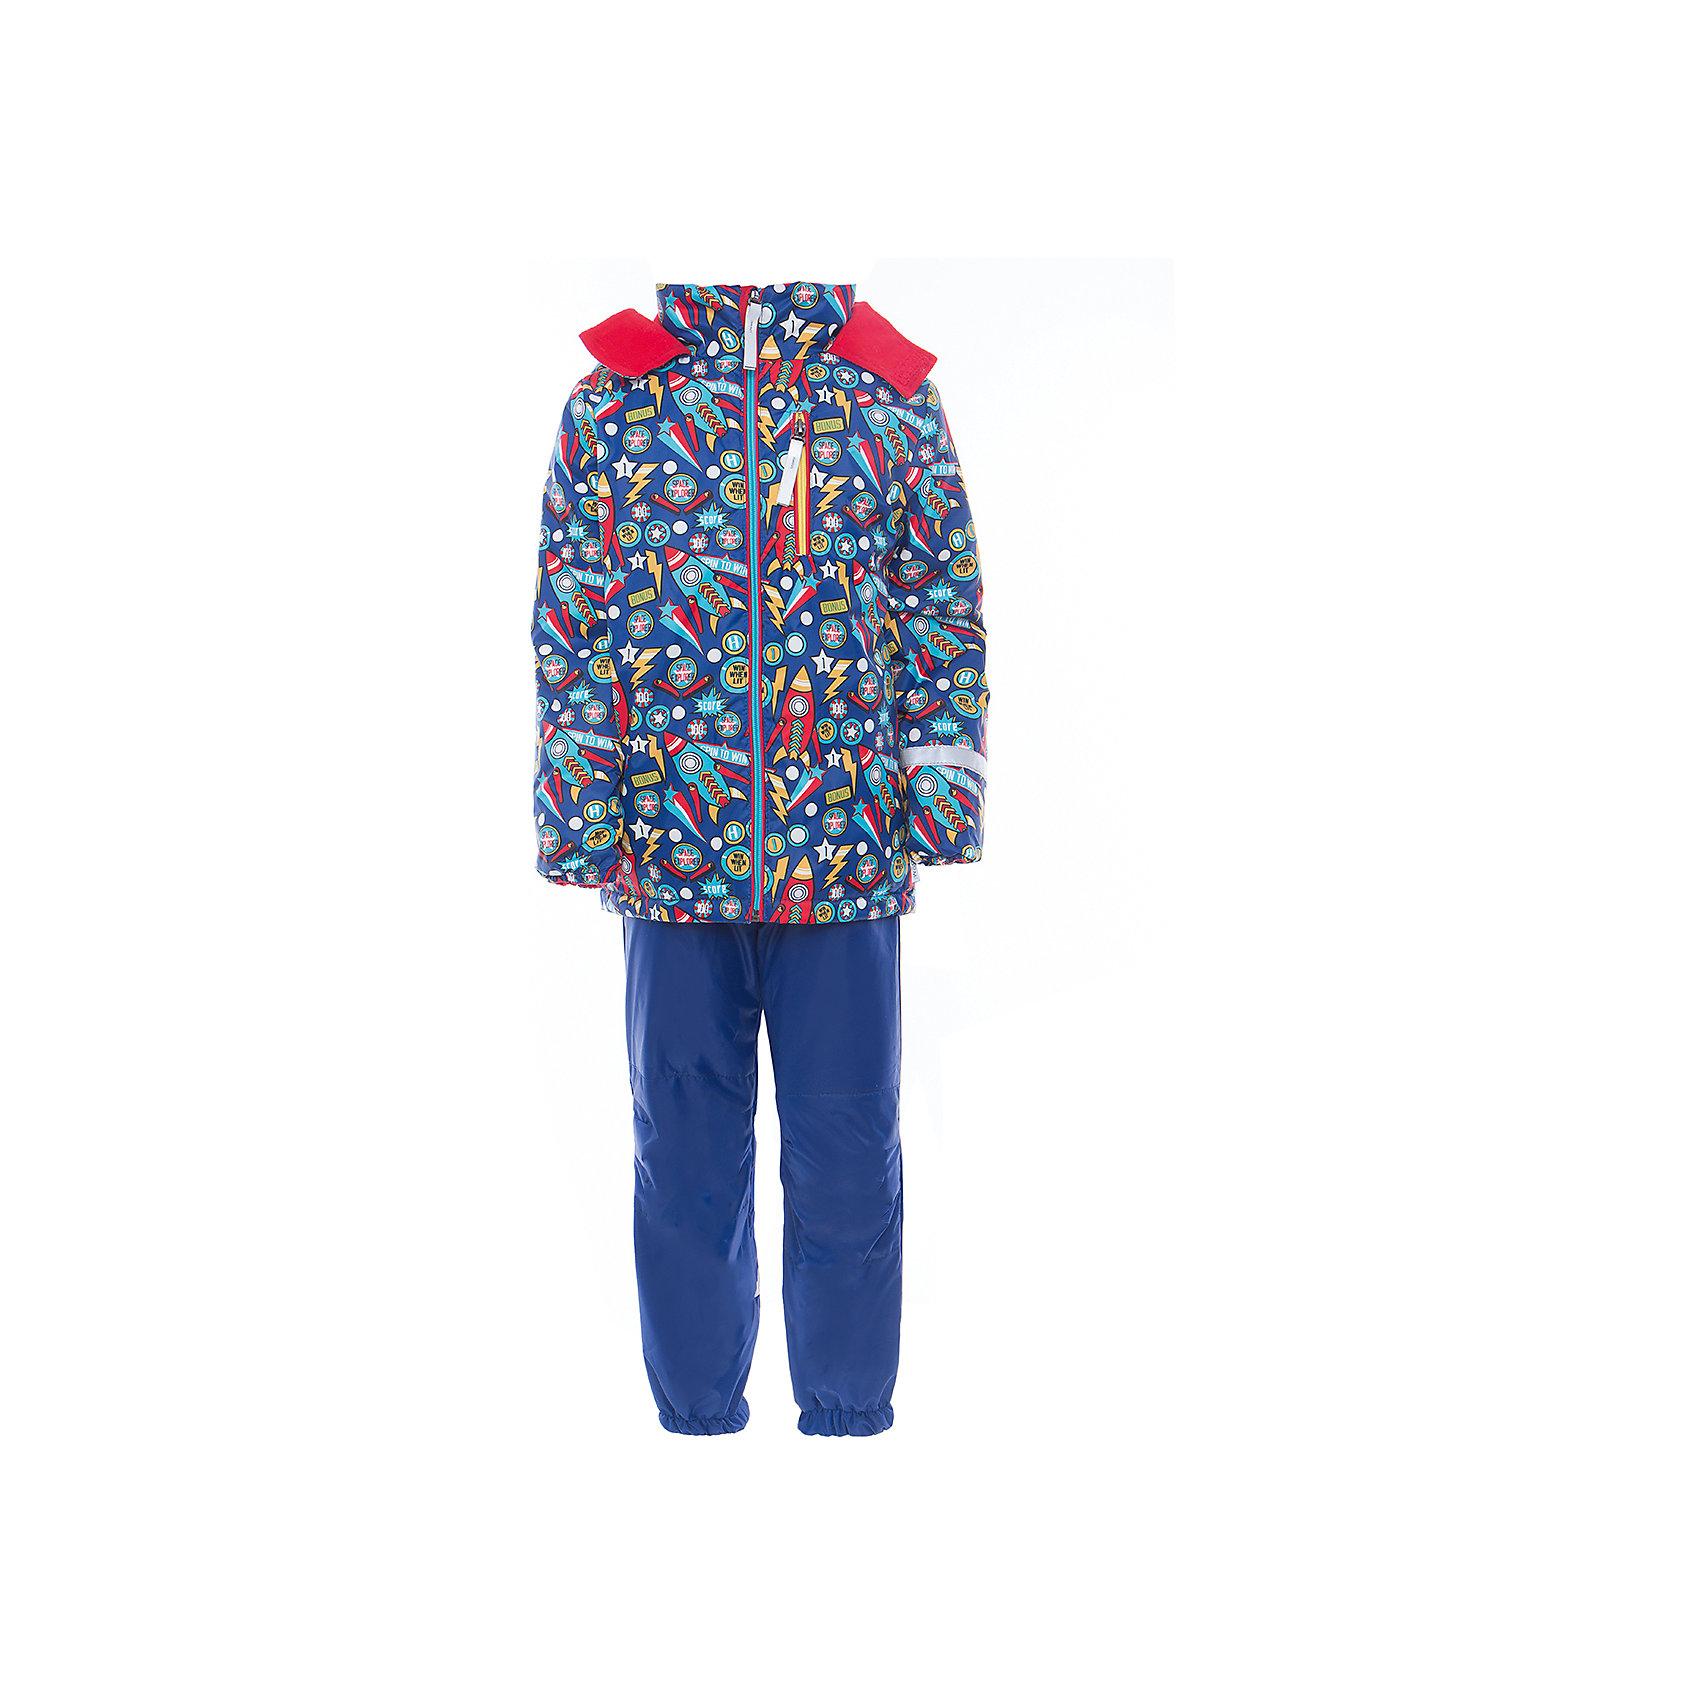 Комплект для мальчика BOOM by OrbyХарактеристики товара:<br><br>• цвет: синий<br>• курточка: верх - нейлон с мембранным покрытием 3000*3000, подкладка - поларфлис, полиэстер, утеплитель: FiberSoft 100 г/м2<br>• брюки: верх - нейлон с мембранным покрытием 3000*3000, подкладка - поларфлис<br>• комплектация: куртка, брюки<br>• температурный режим: от -5 С° до +10 С° <br>• эластичные регулируемые подтяжки<br>• застежка - молния<br>• куртка декорирована принтом<br>• капюшон<br>• силиконовые штрипки<br>• комфортная посадка<br>• страна производства: Российская Федерация<br>• страна бренда: Российская Федерация<br>• коллекция: весна-лето 2017<br><br>Такой комплект - универсальный вариант для межсезонья с постоянно меняющейся погодой. Эта модель - модная и удобная одновременно! Изделие отличается стильным ярким дизайном. Куртка и брюки хорошо сидят по фигуре, отлично сочетается с различной обувью. Модель была разработана специально для детей.<br><br>Одежда от российского бренда BOOM by Orby уже завоевала популярностью у многих детей и их родителей. Вещи, выпускаемые компанией, качественные, продуманные и очень удобные. Для производства коллекций используются только безопасные для детей материалы. Спешите приобрести модели из новой коллекции Весна-лето 2017! <br><br>Комплект для мальчика от бренда BOOM by Orby можно купить в нашем интернет-магазине.<br><br>Ширина мм: 356<br>Глубина мм: 10<br>Высота мм: 245<br>Вес г: 519<br>Цвет: синий<br>Возраст от месяцев: 18<br>Возраст до месяцев: 24<br>Пол: Мужской<br>Возраст: Детский<br>Размер: 92,110,116,122,98,80,86,104<br>SKU: 5342826